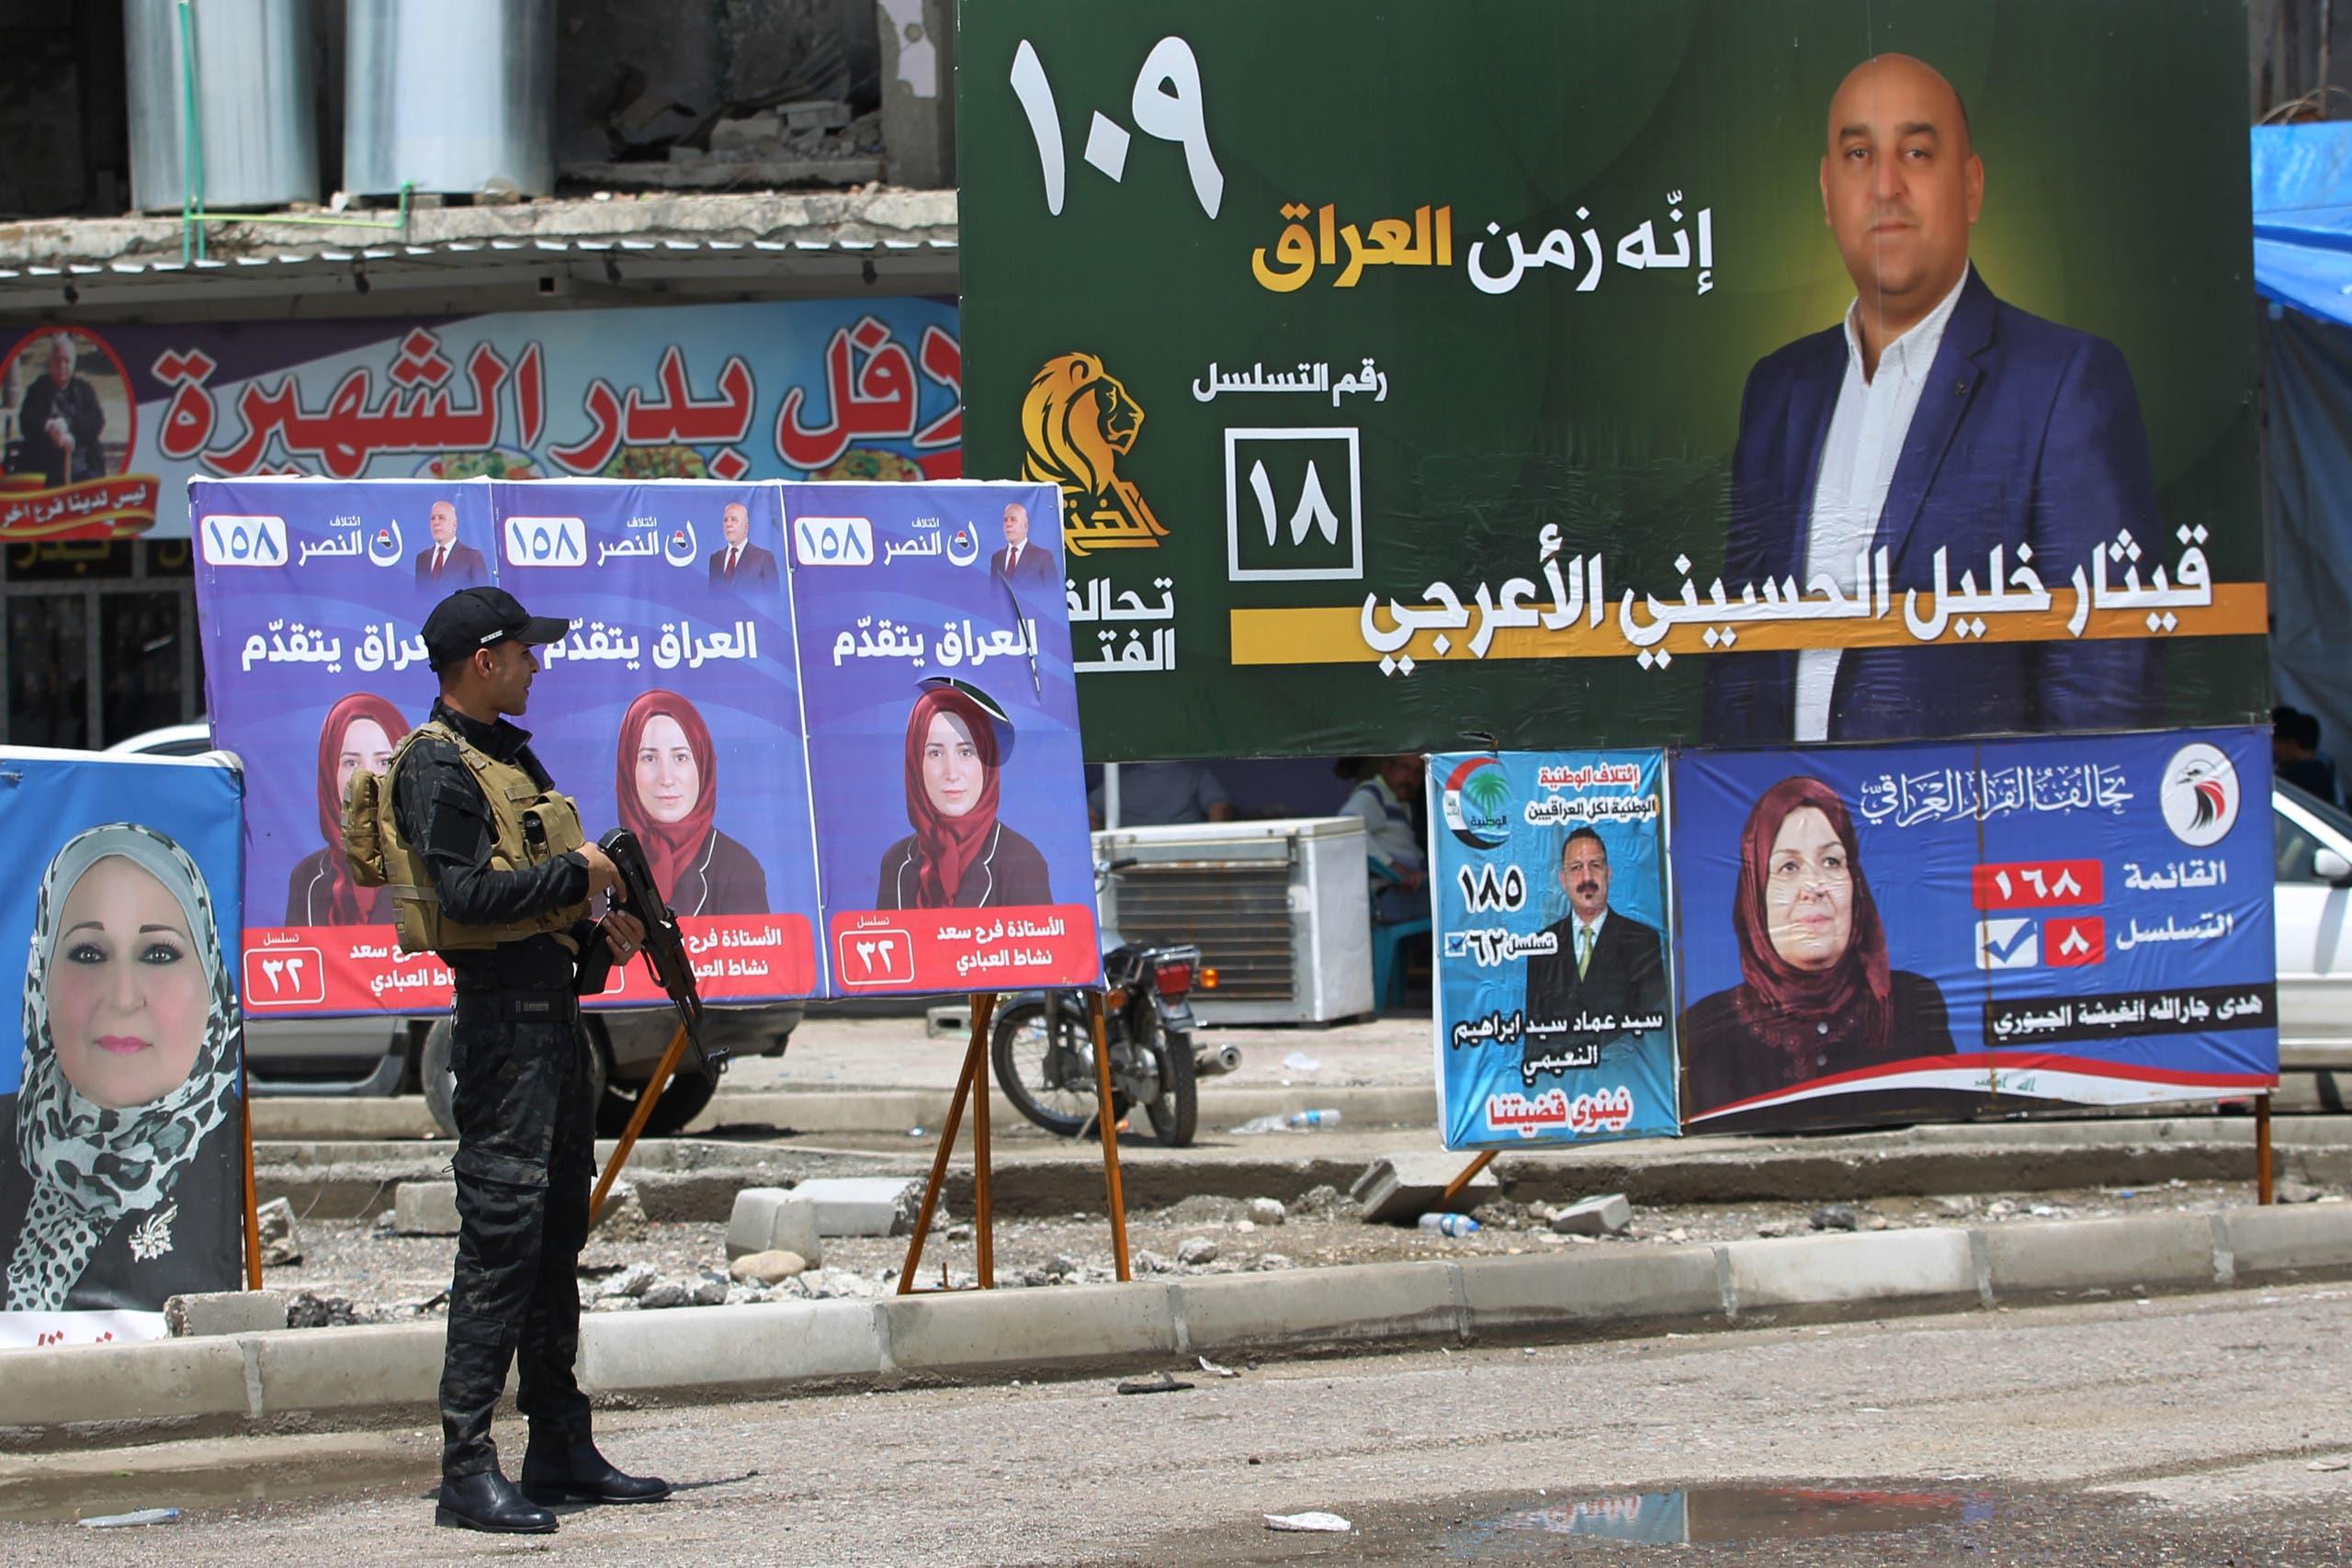 ملصقات انتخابية في المدينة القديمة من الموصل